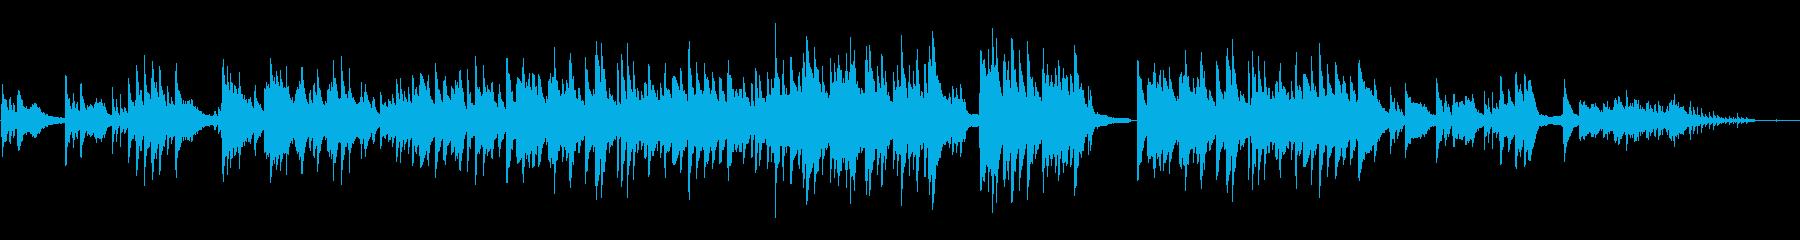 お洒落でキラキラのピアノソロ曲の再生済みの波形